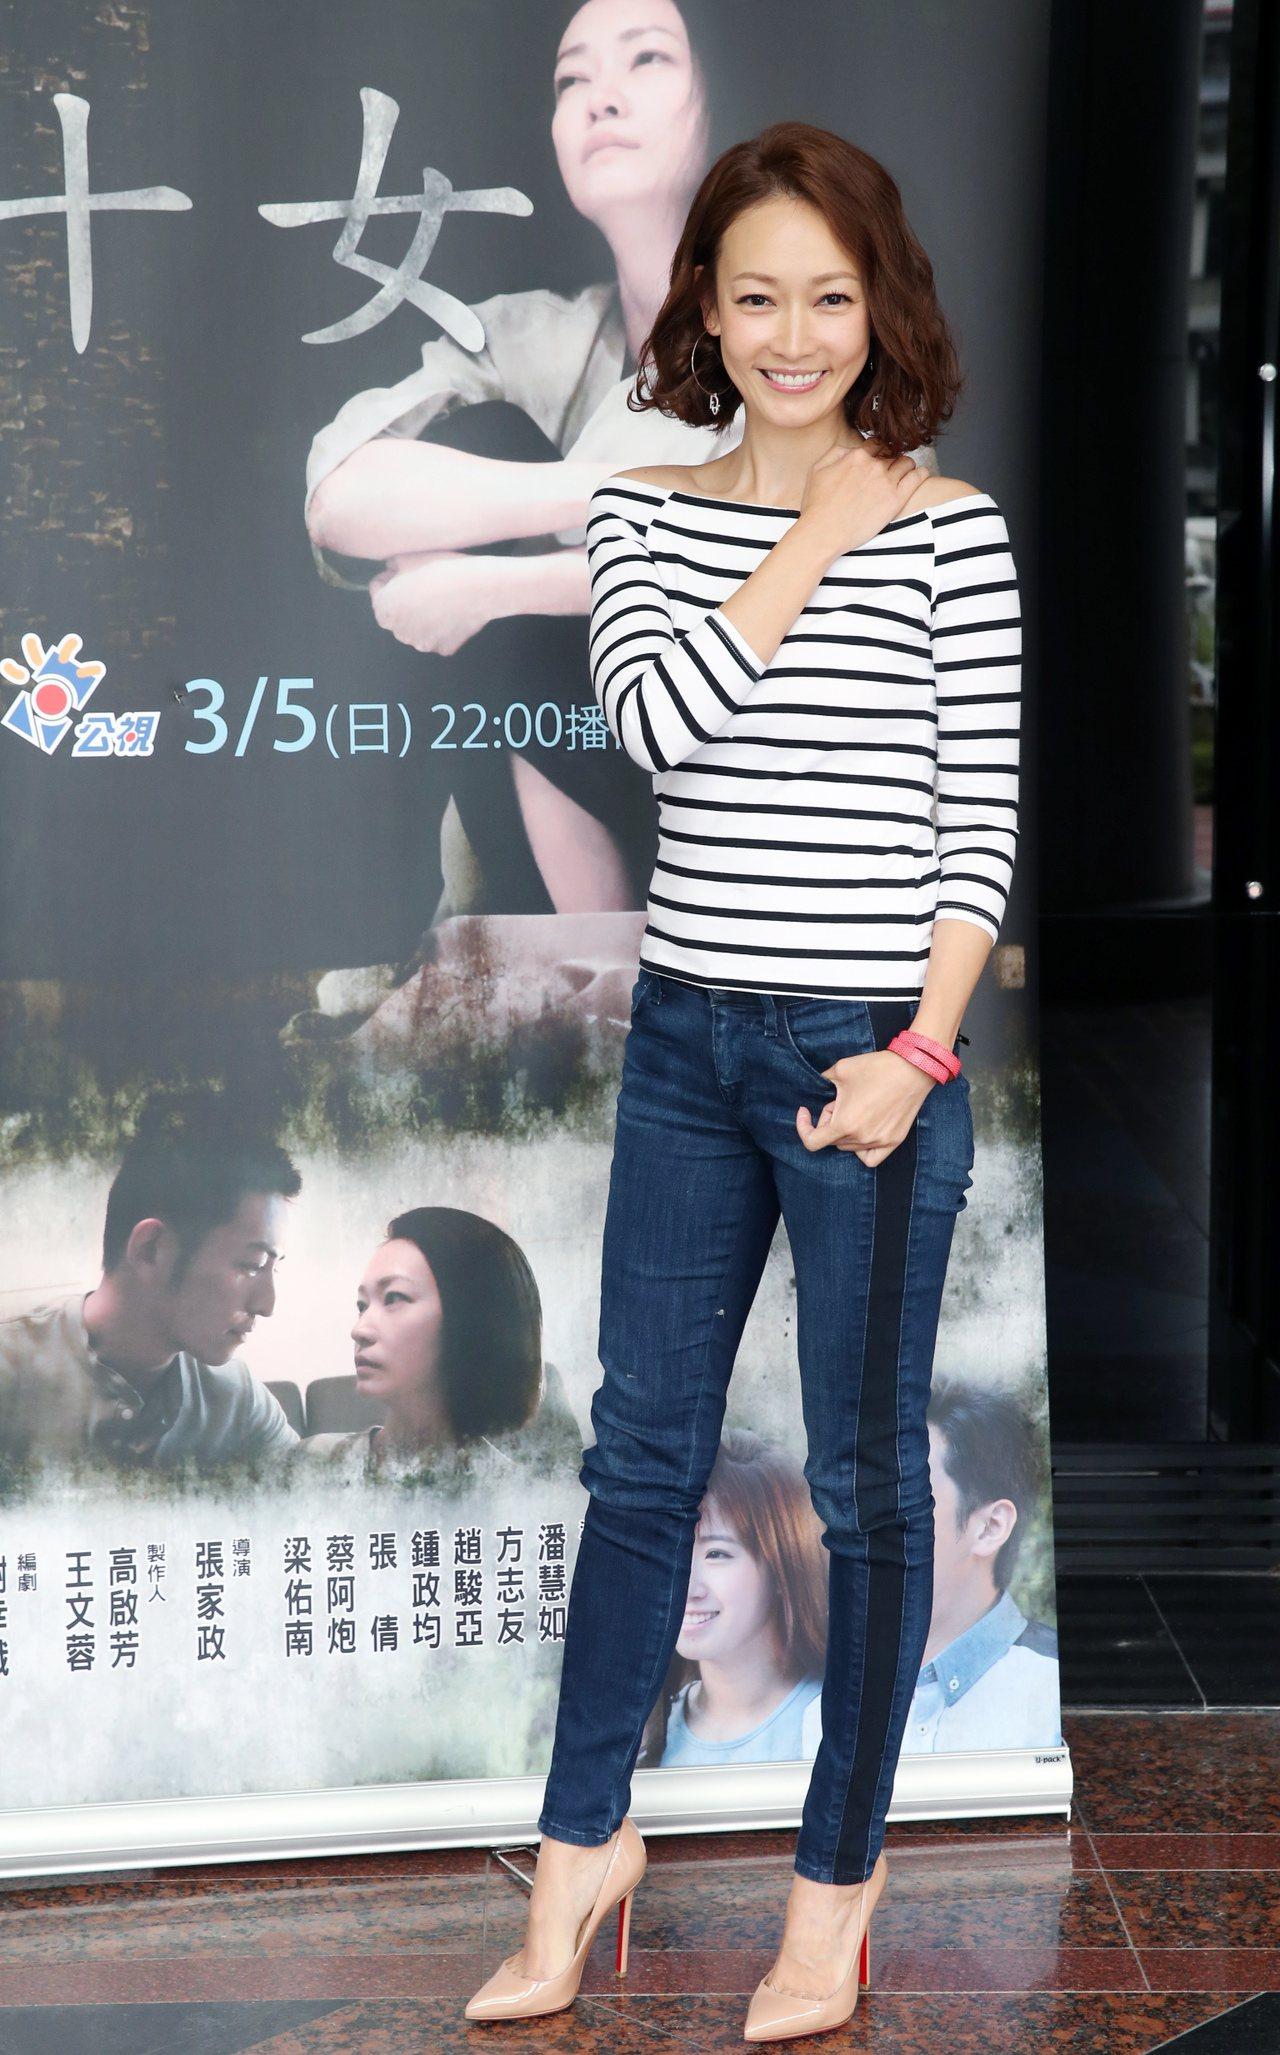 潘慧如在公視《十女》劇中飾演一個天生沒有子宮的女人。記者徐兆玄/攝影